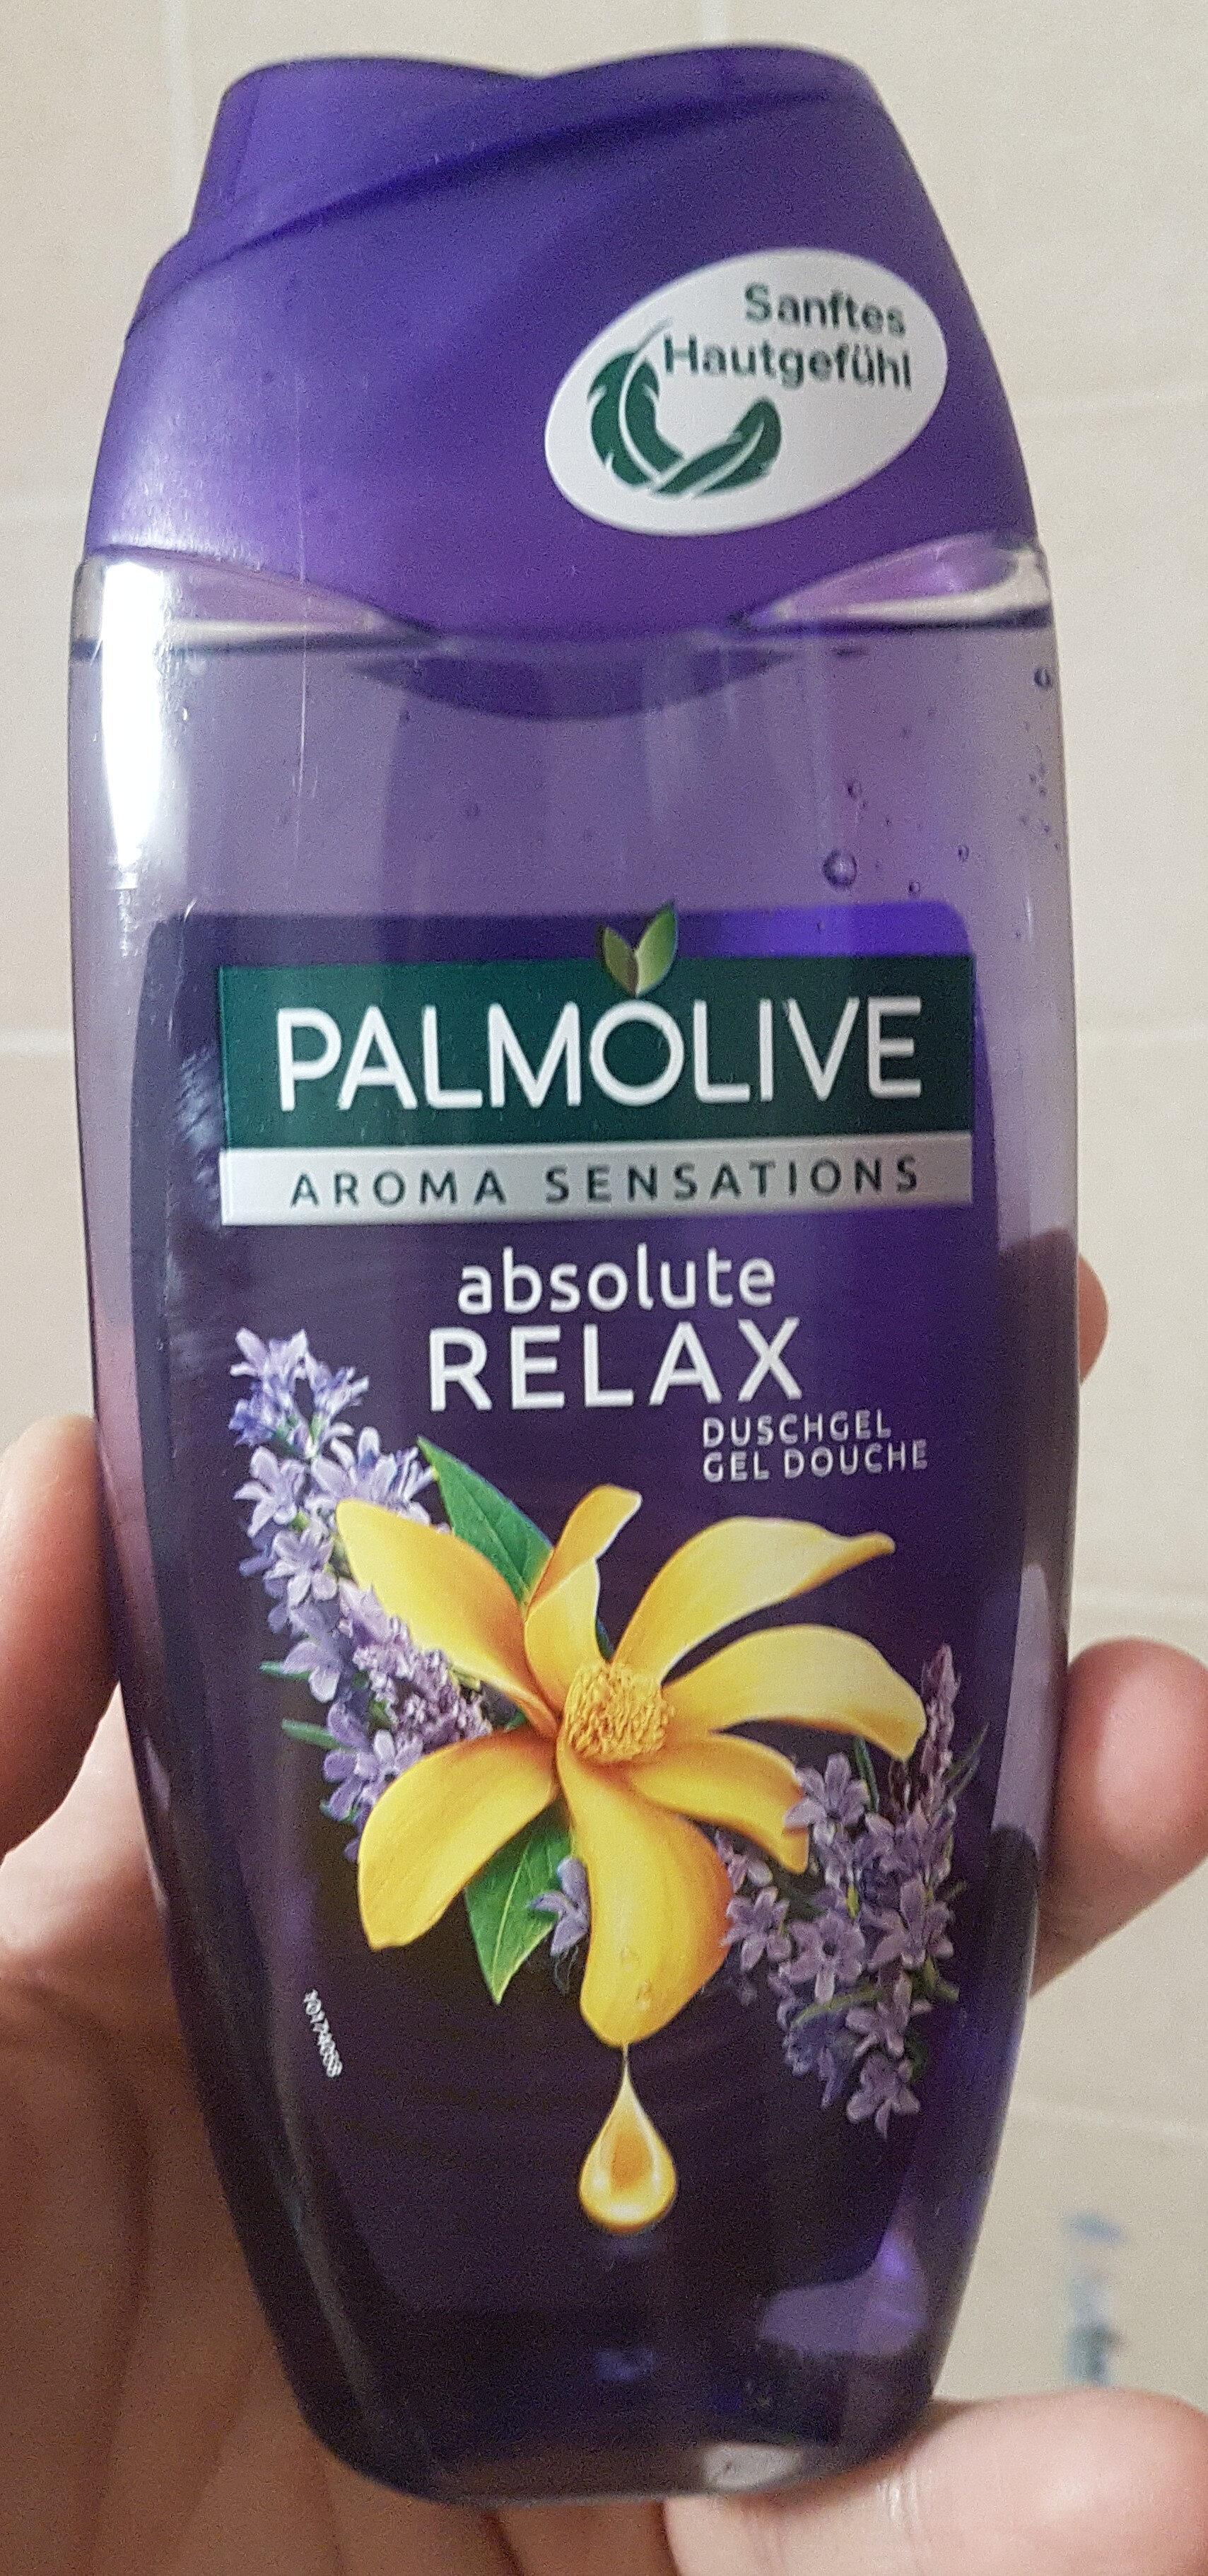 aroma sensation absolute relax Duschgel - Produit - de